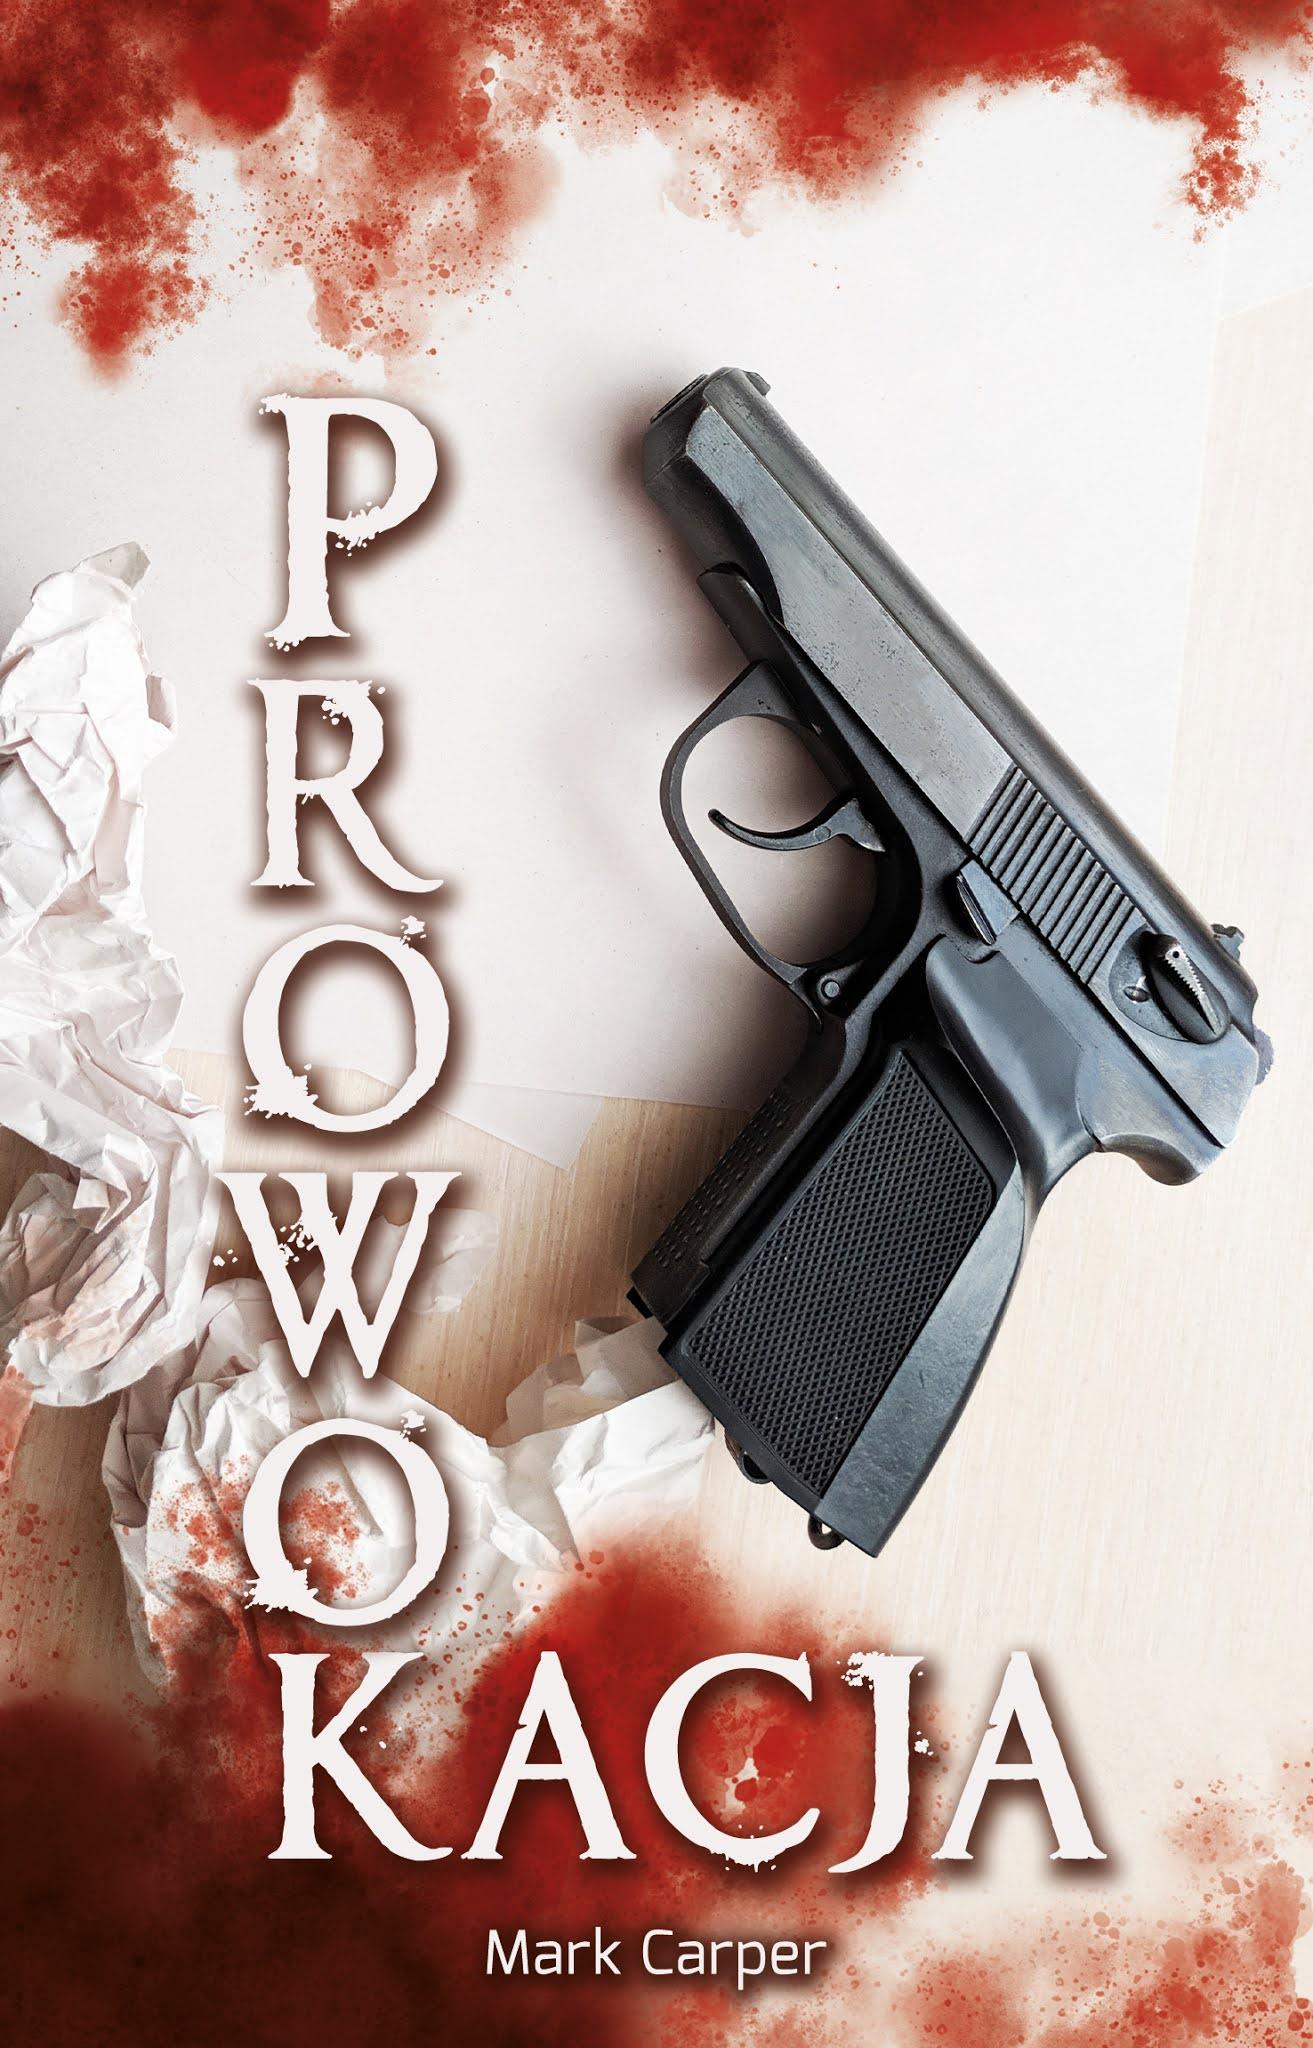 Prowokacja - Mark Carper książka okładka przód